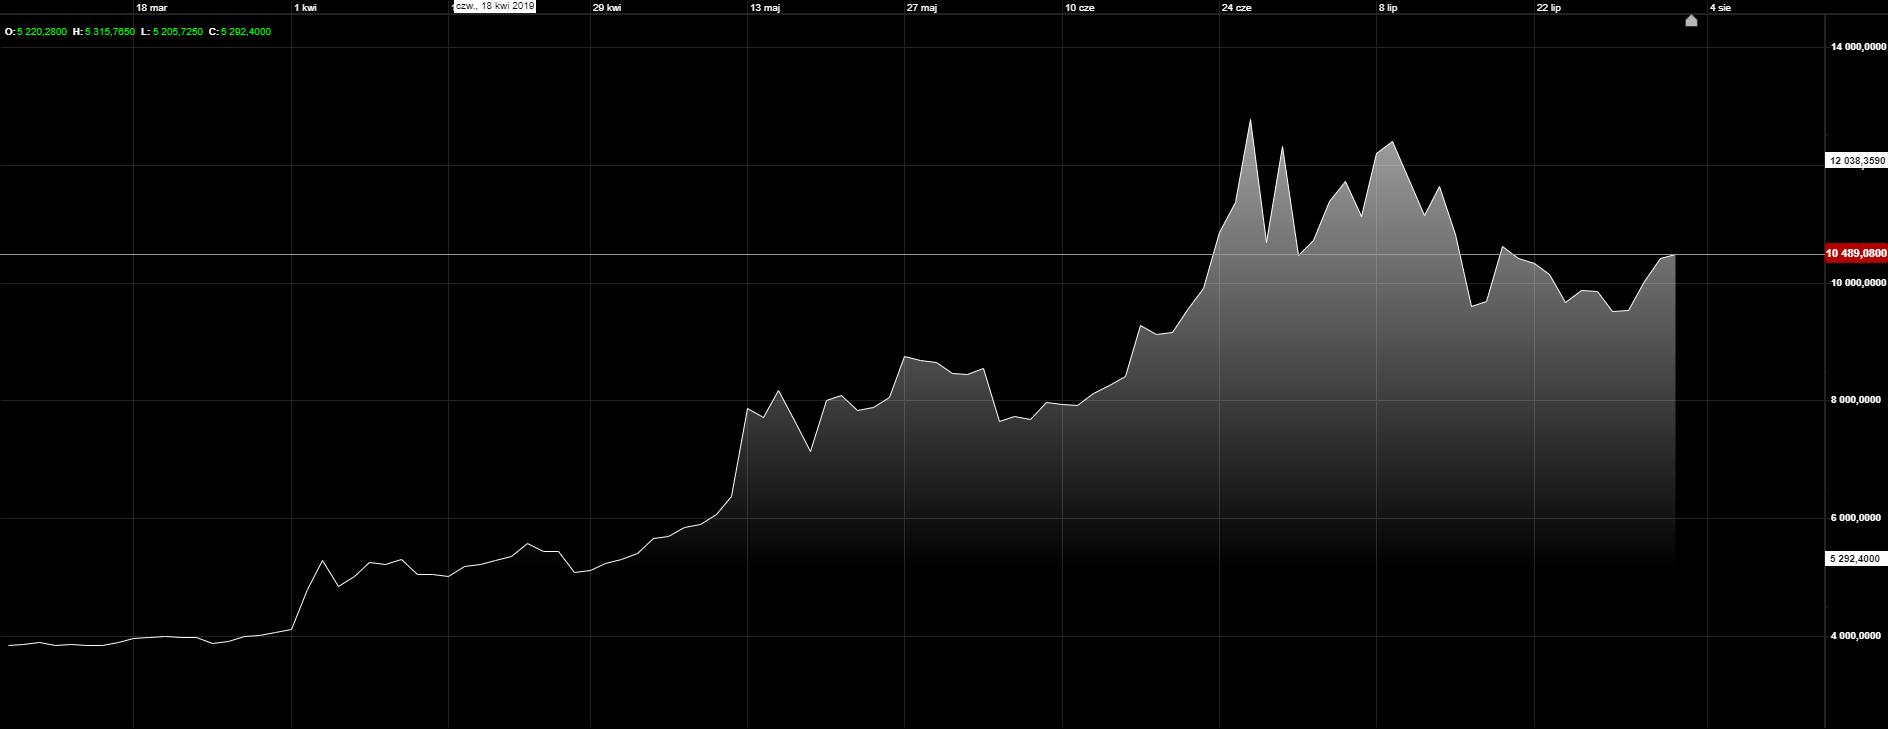 Bitcoin rośnie i powraca nad 10 tys. USD. Źródło: Next Generation, CMC Markets